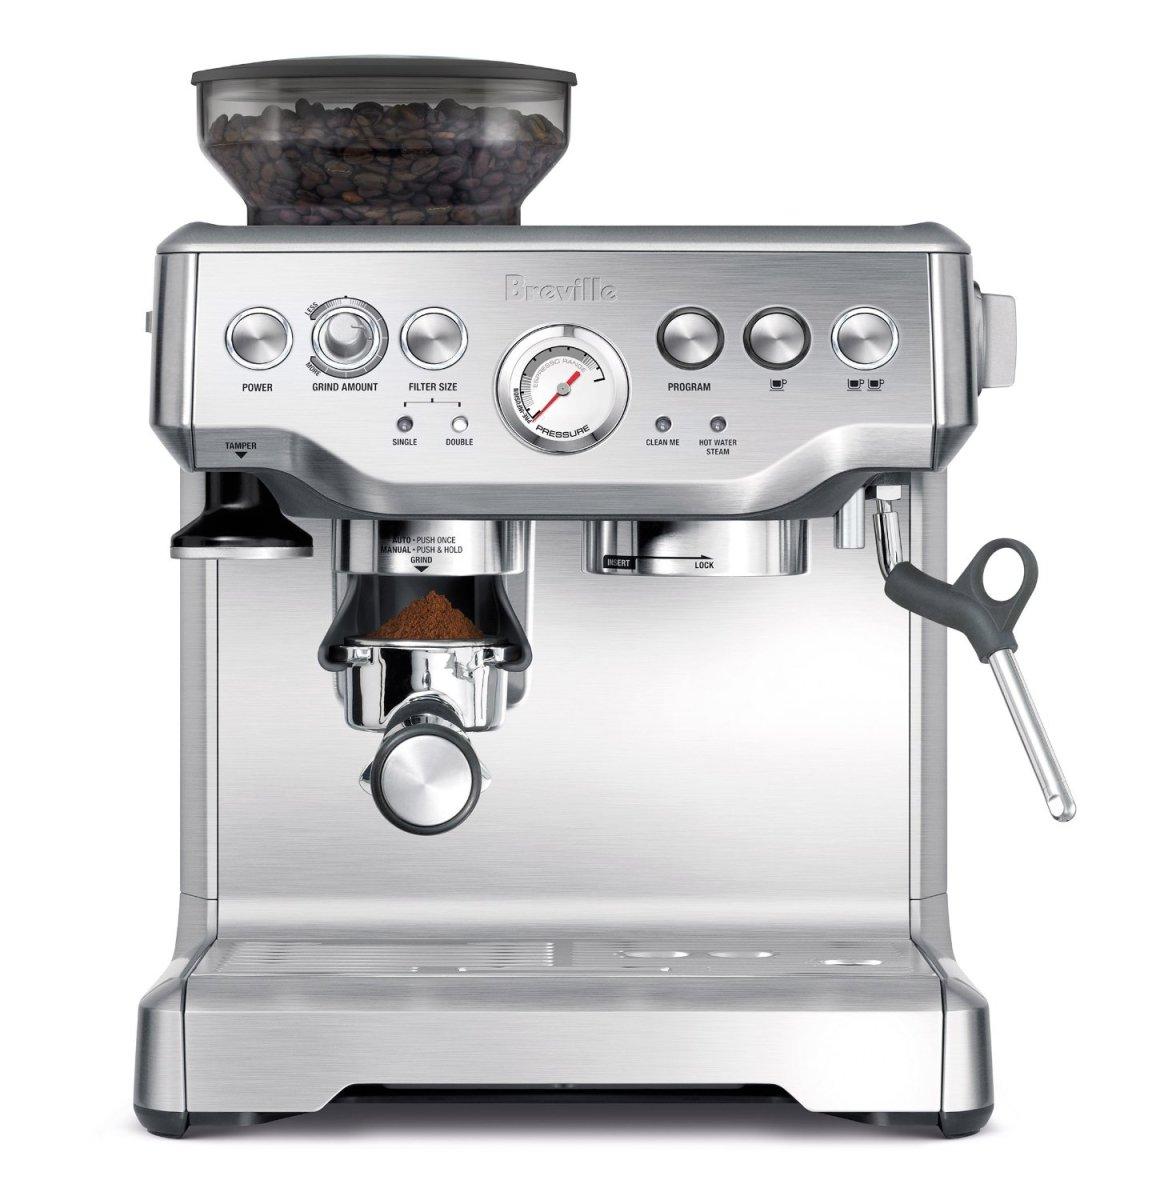 Breville BES870SL Espresso Machine